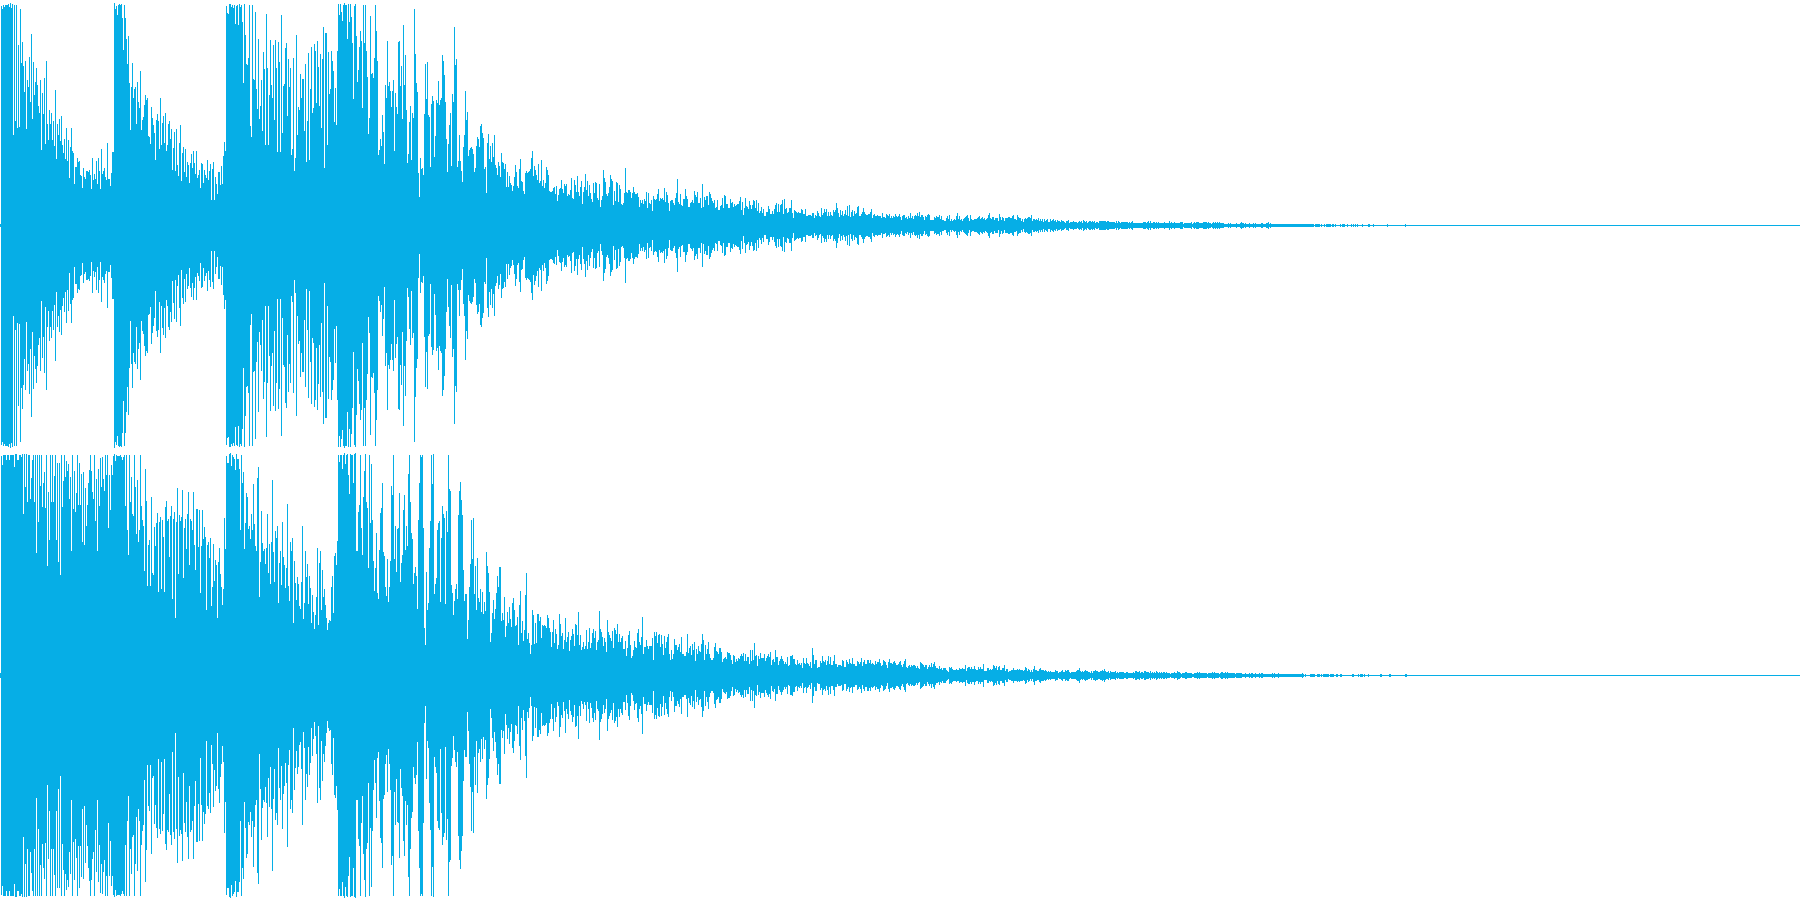 目立つ決定音(システム音)の再生済みの波形